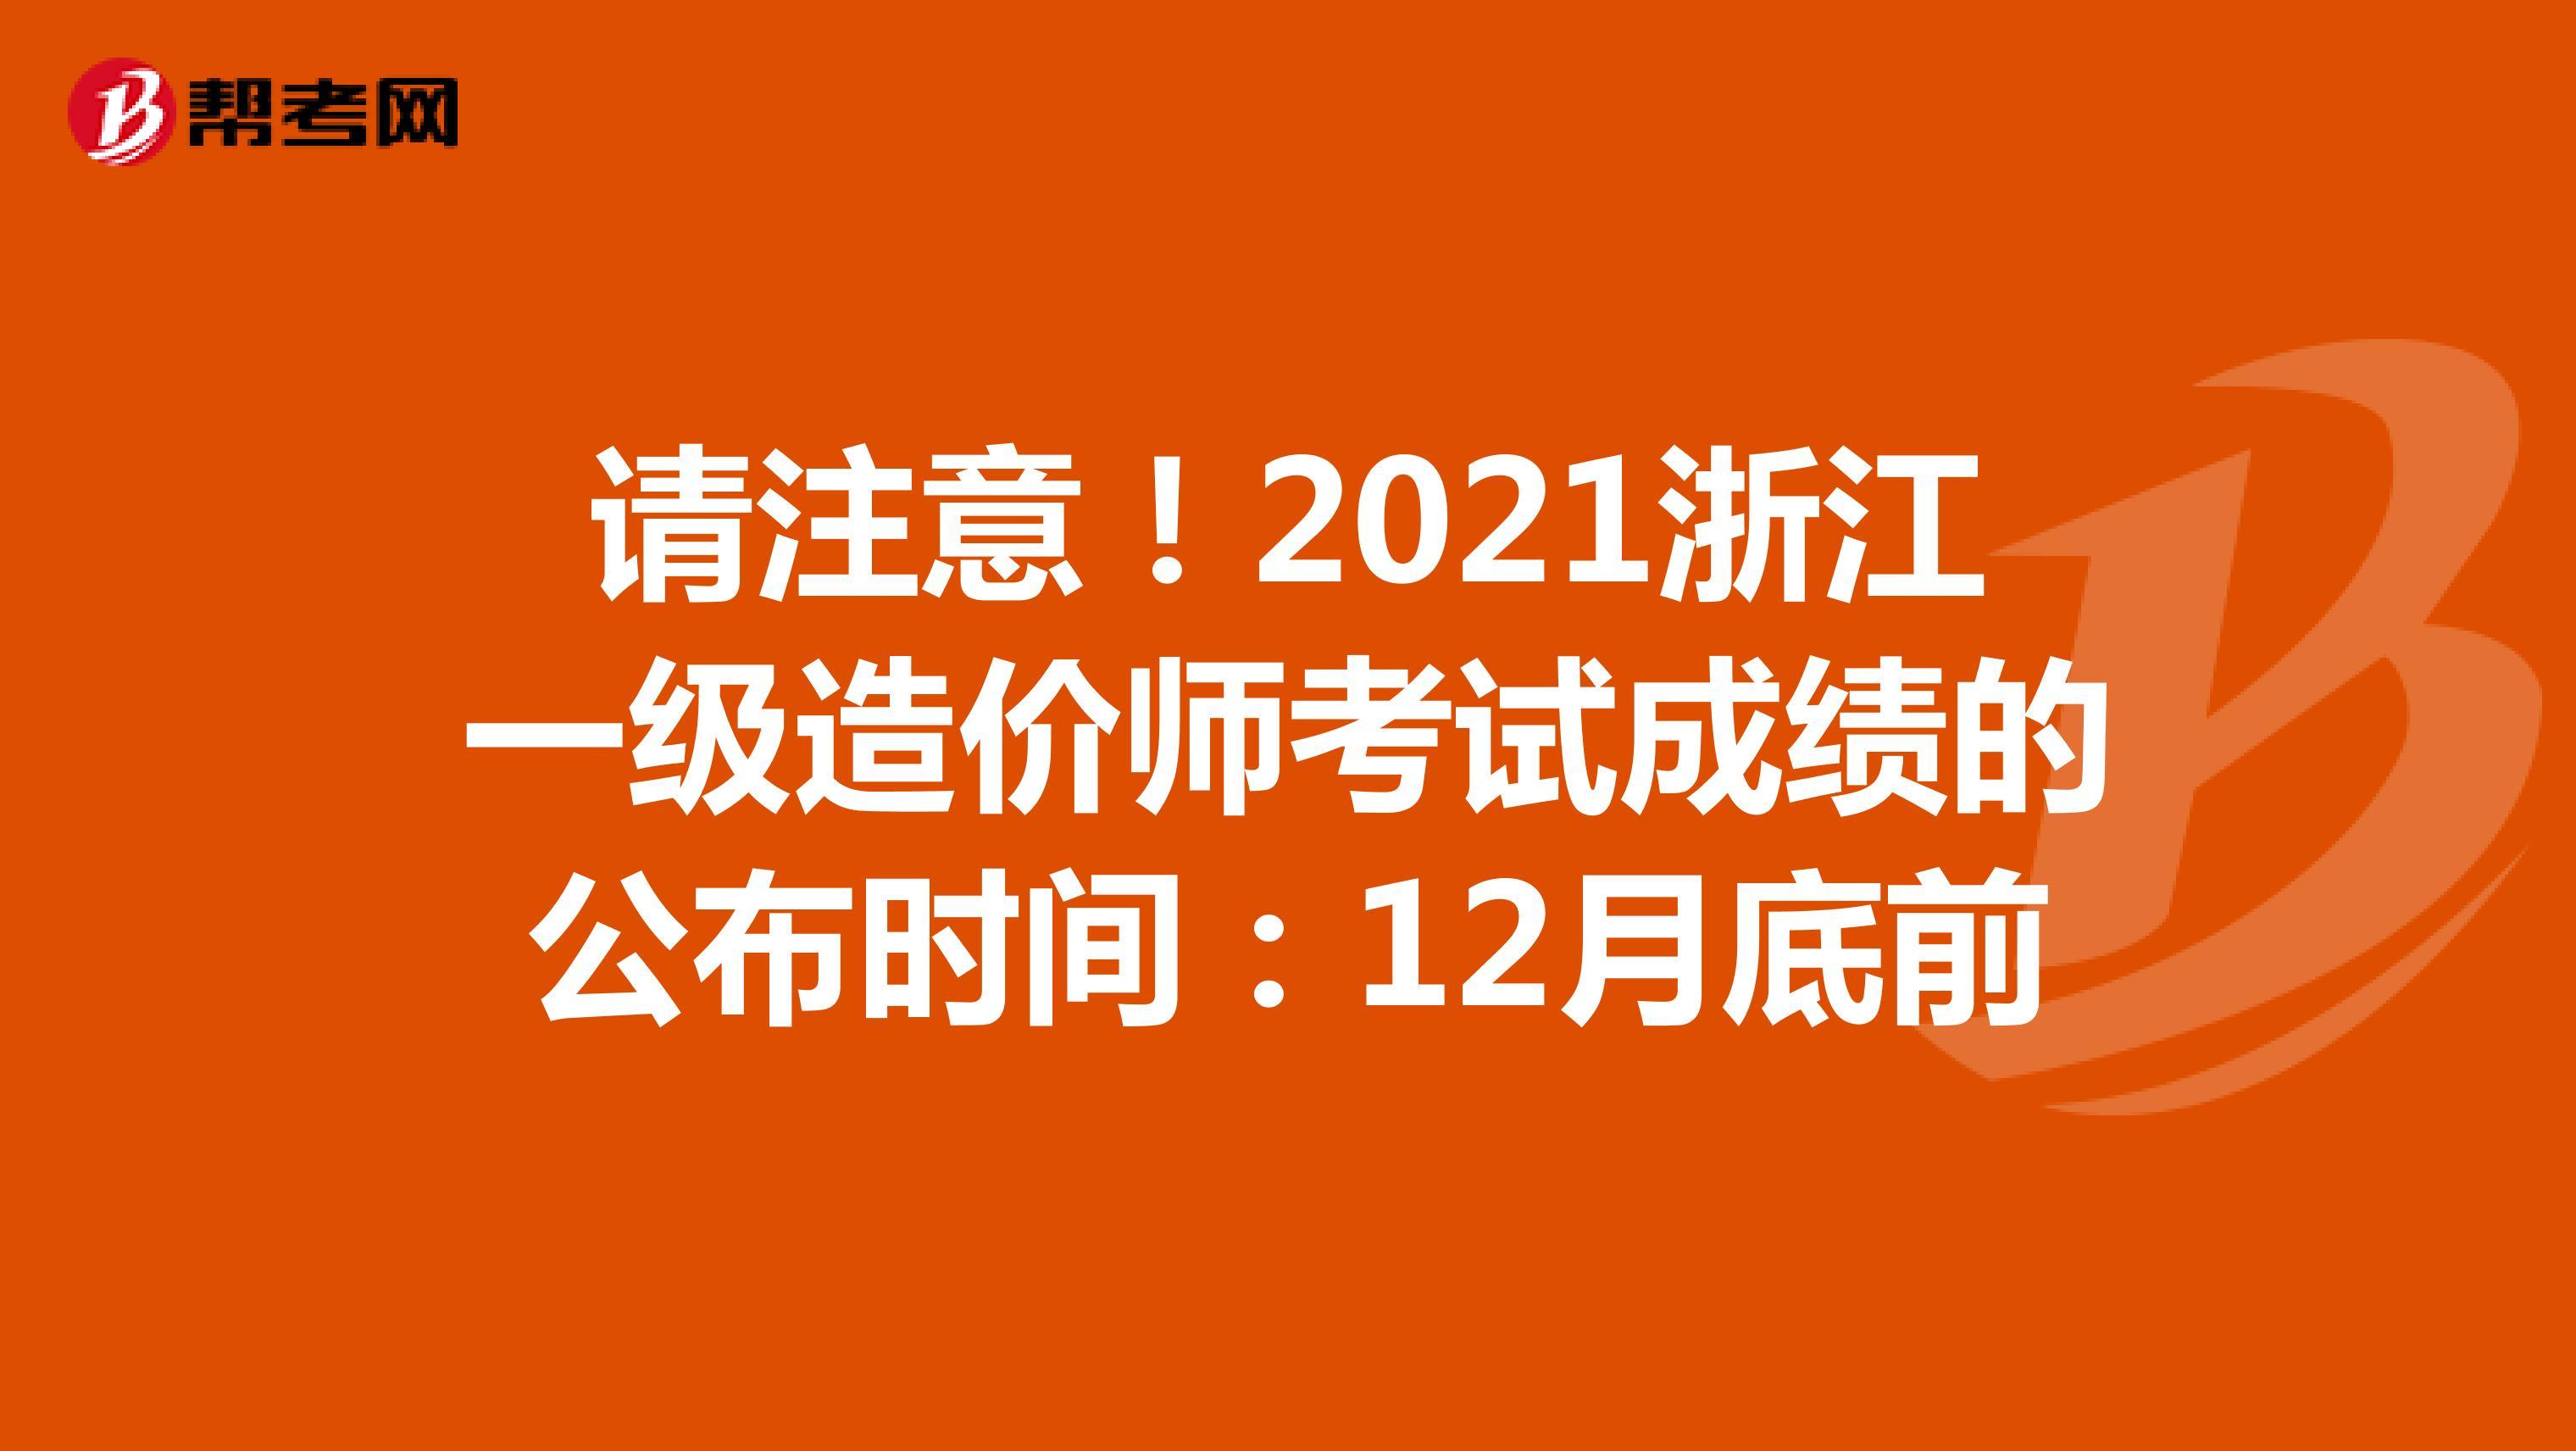 请注意!2021浙江一级造价师考试成绩的公布时间:12月底前